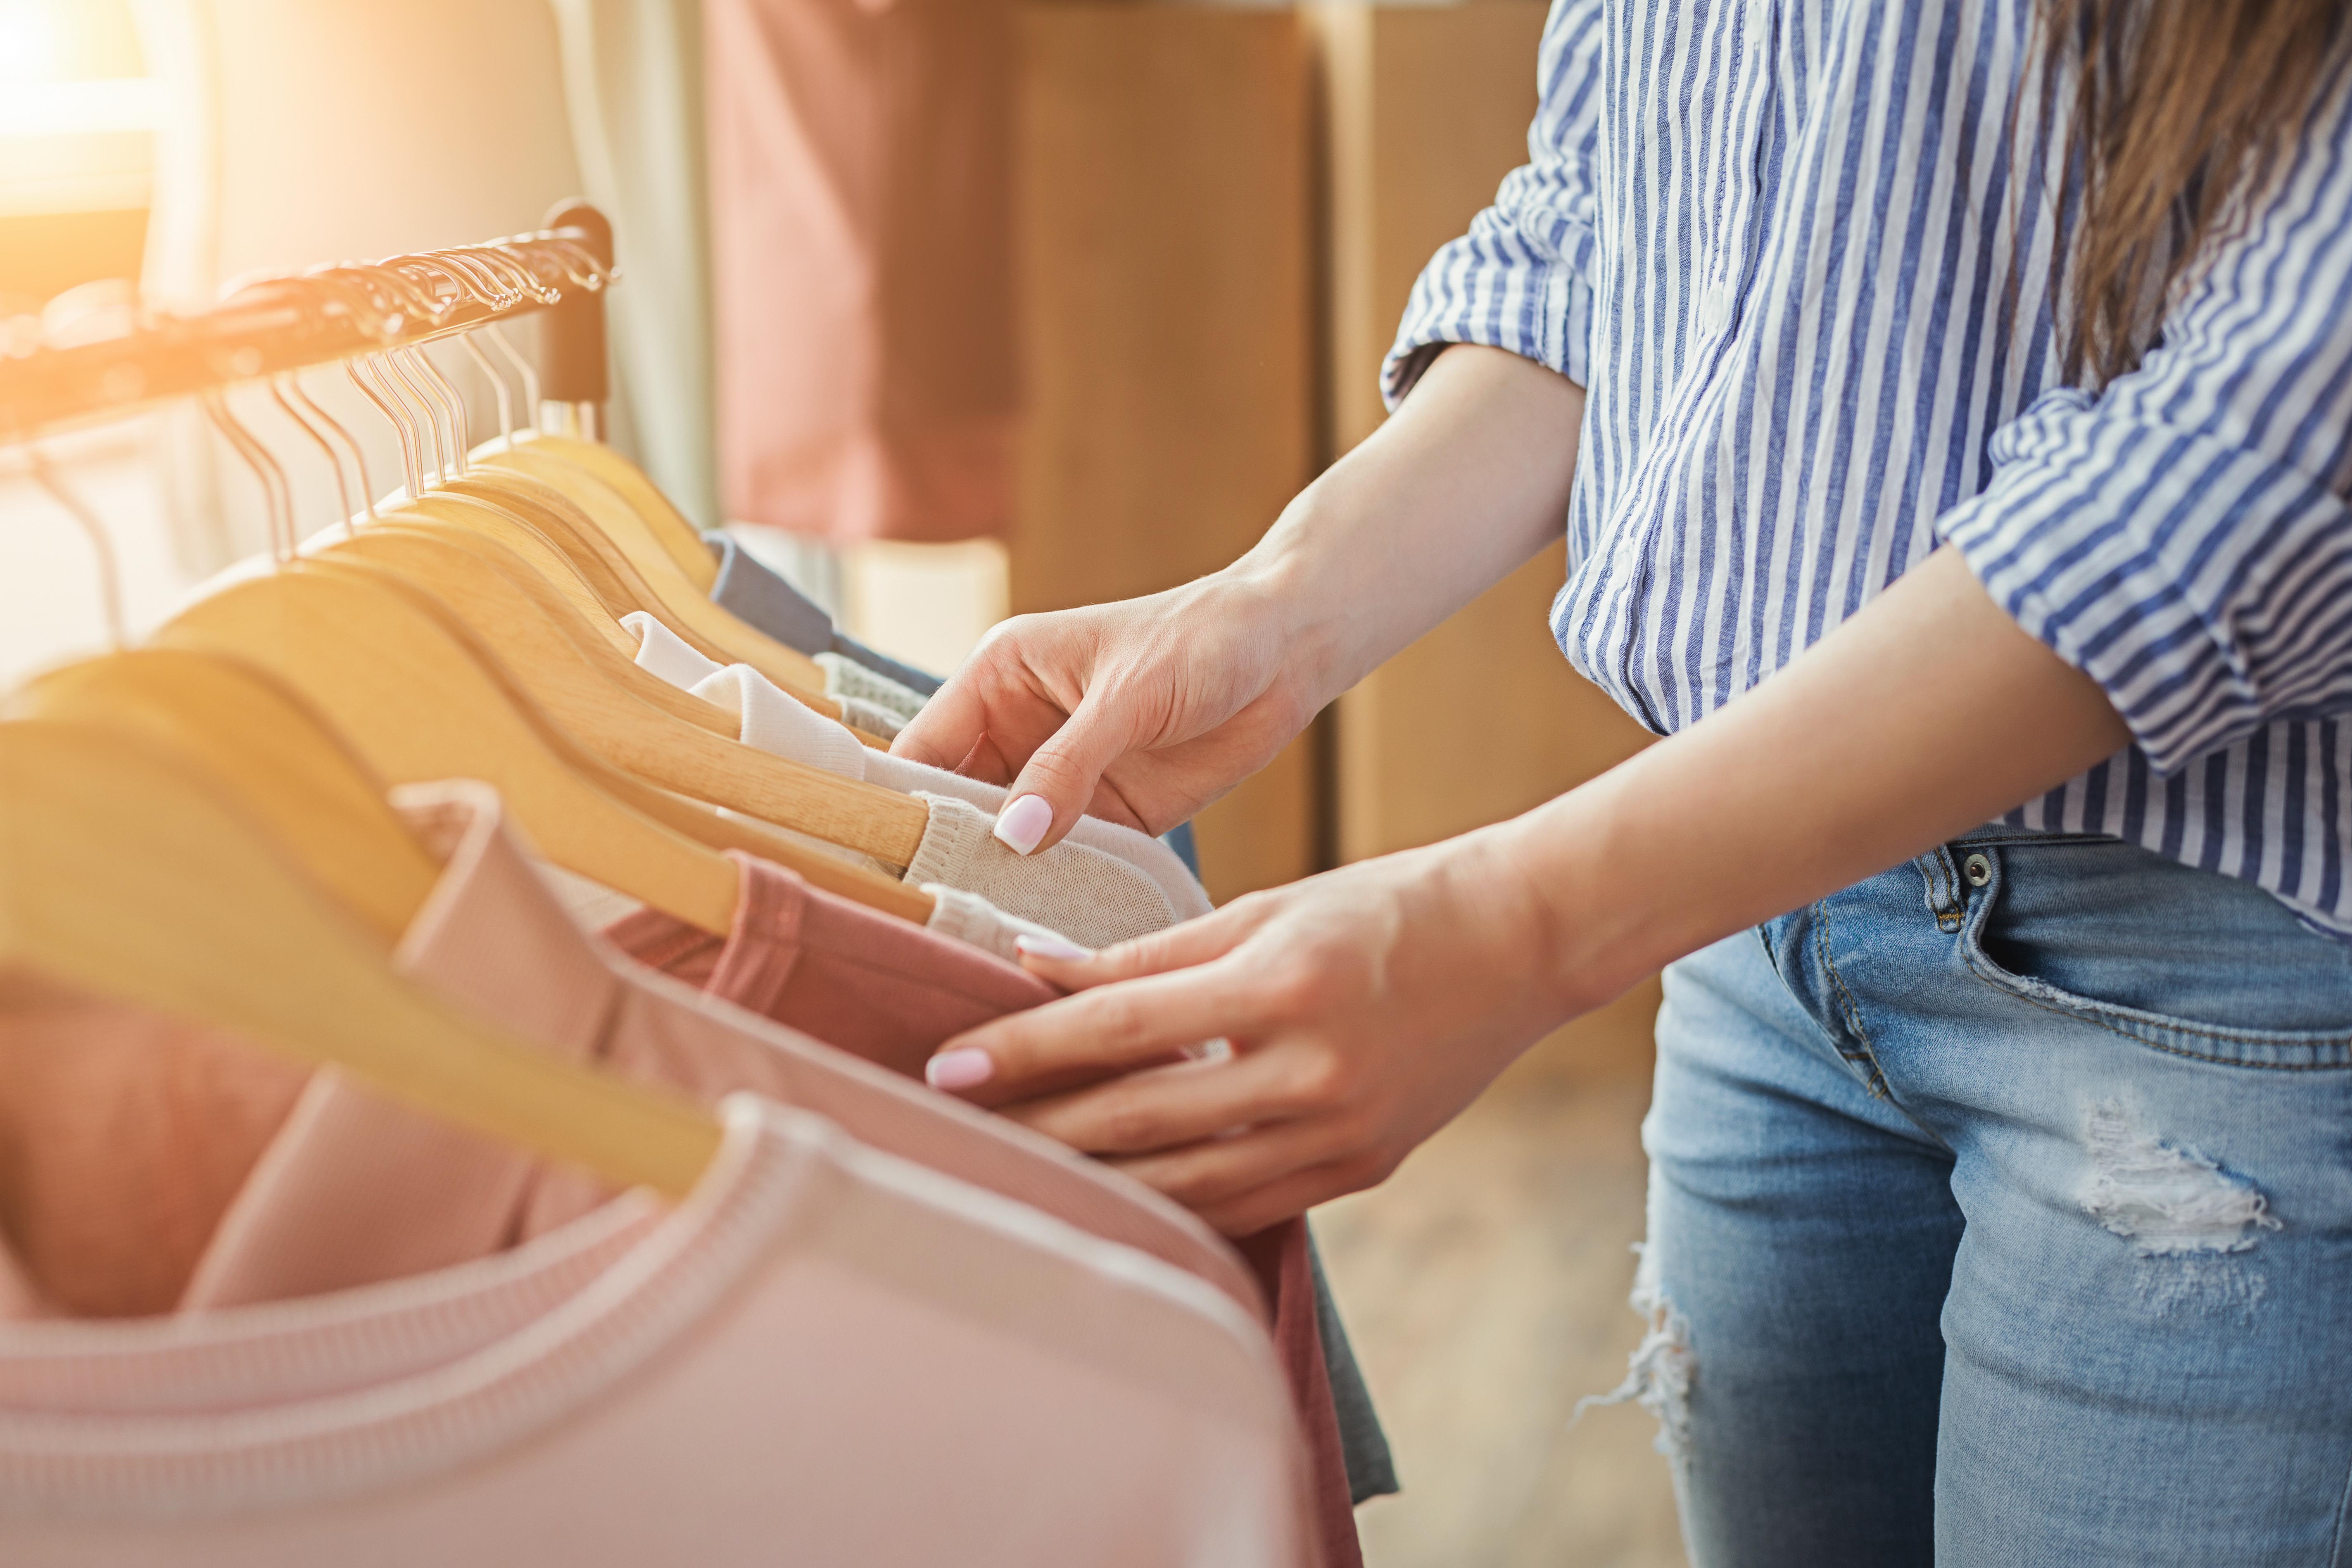 <p><strong>1. Имаш дрехи в гардероба, които са все още с етикета</strong></p>  <p>Нямаме предвид дреха, която някой ти е подарил, а ти не харесваш. Това са онези дрехи, който ти сама си купила, но си забравила изобщо, че ги имаш.</p>